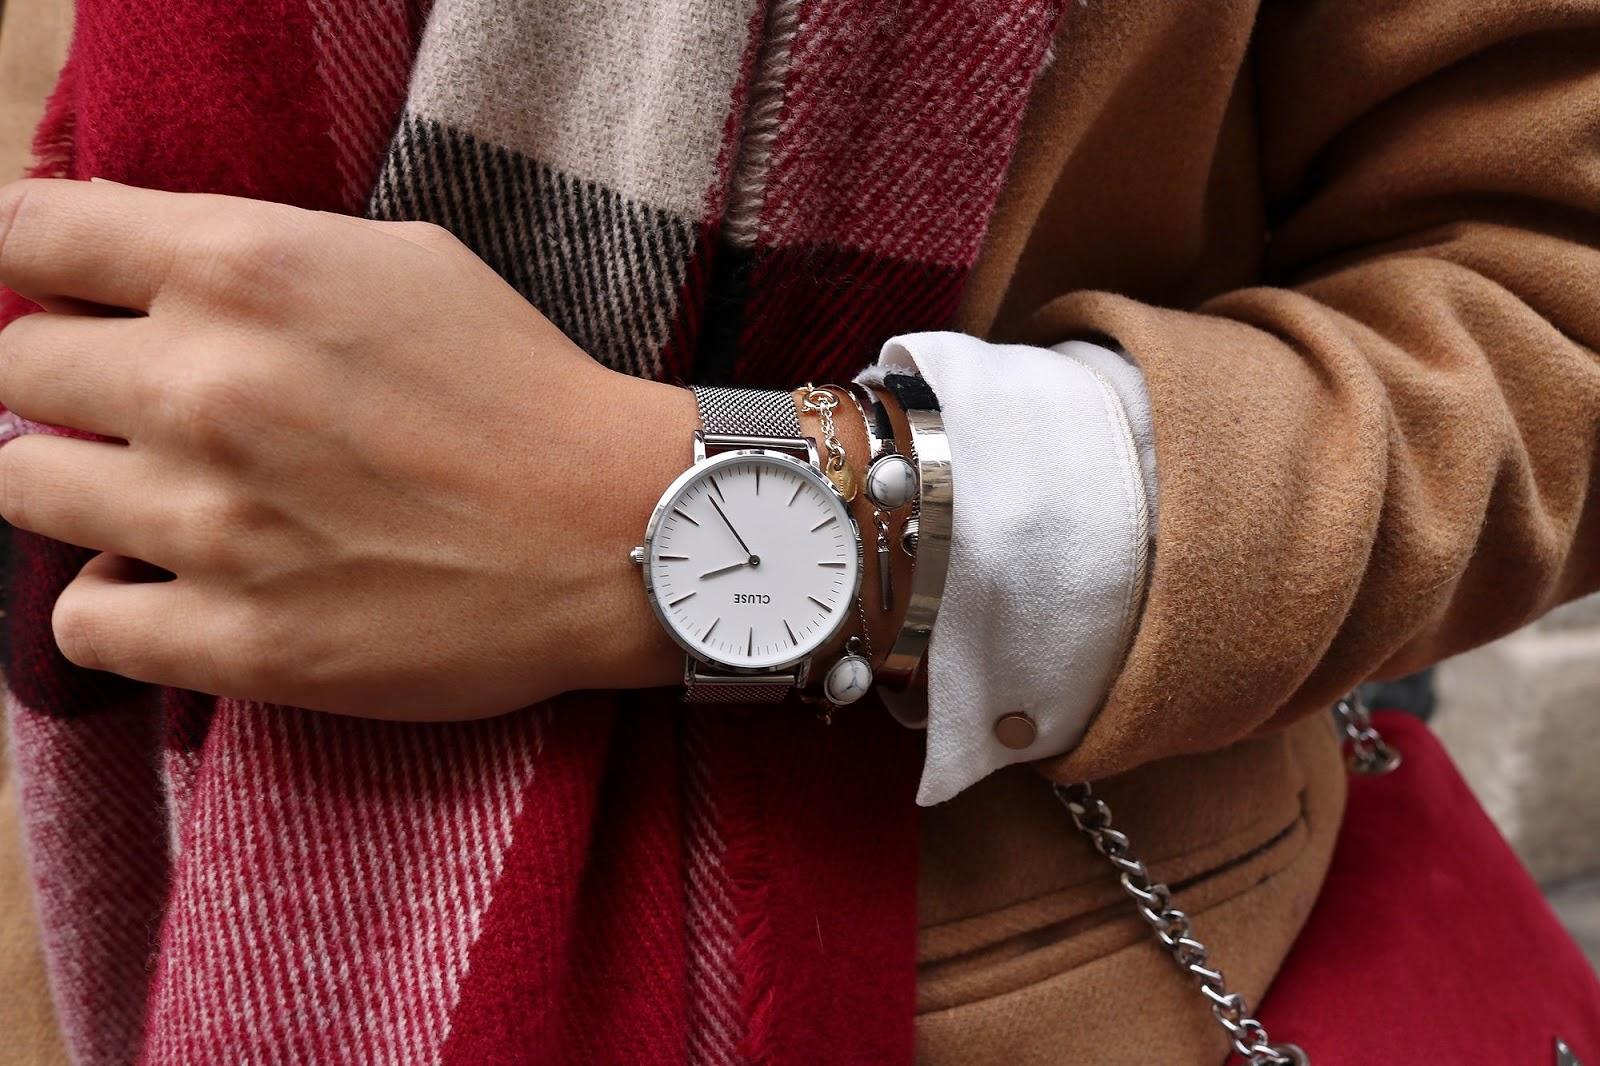 pauline dress blog mode déco lifestyle besancon tenue octobre 2017 cuissardes jupe similicuir blouse blanche manteau camel sac rouge grosse echarpe zoom cluse montre